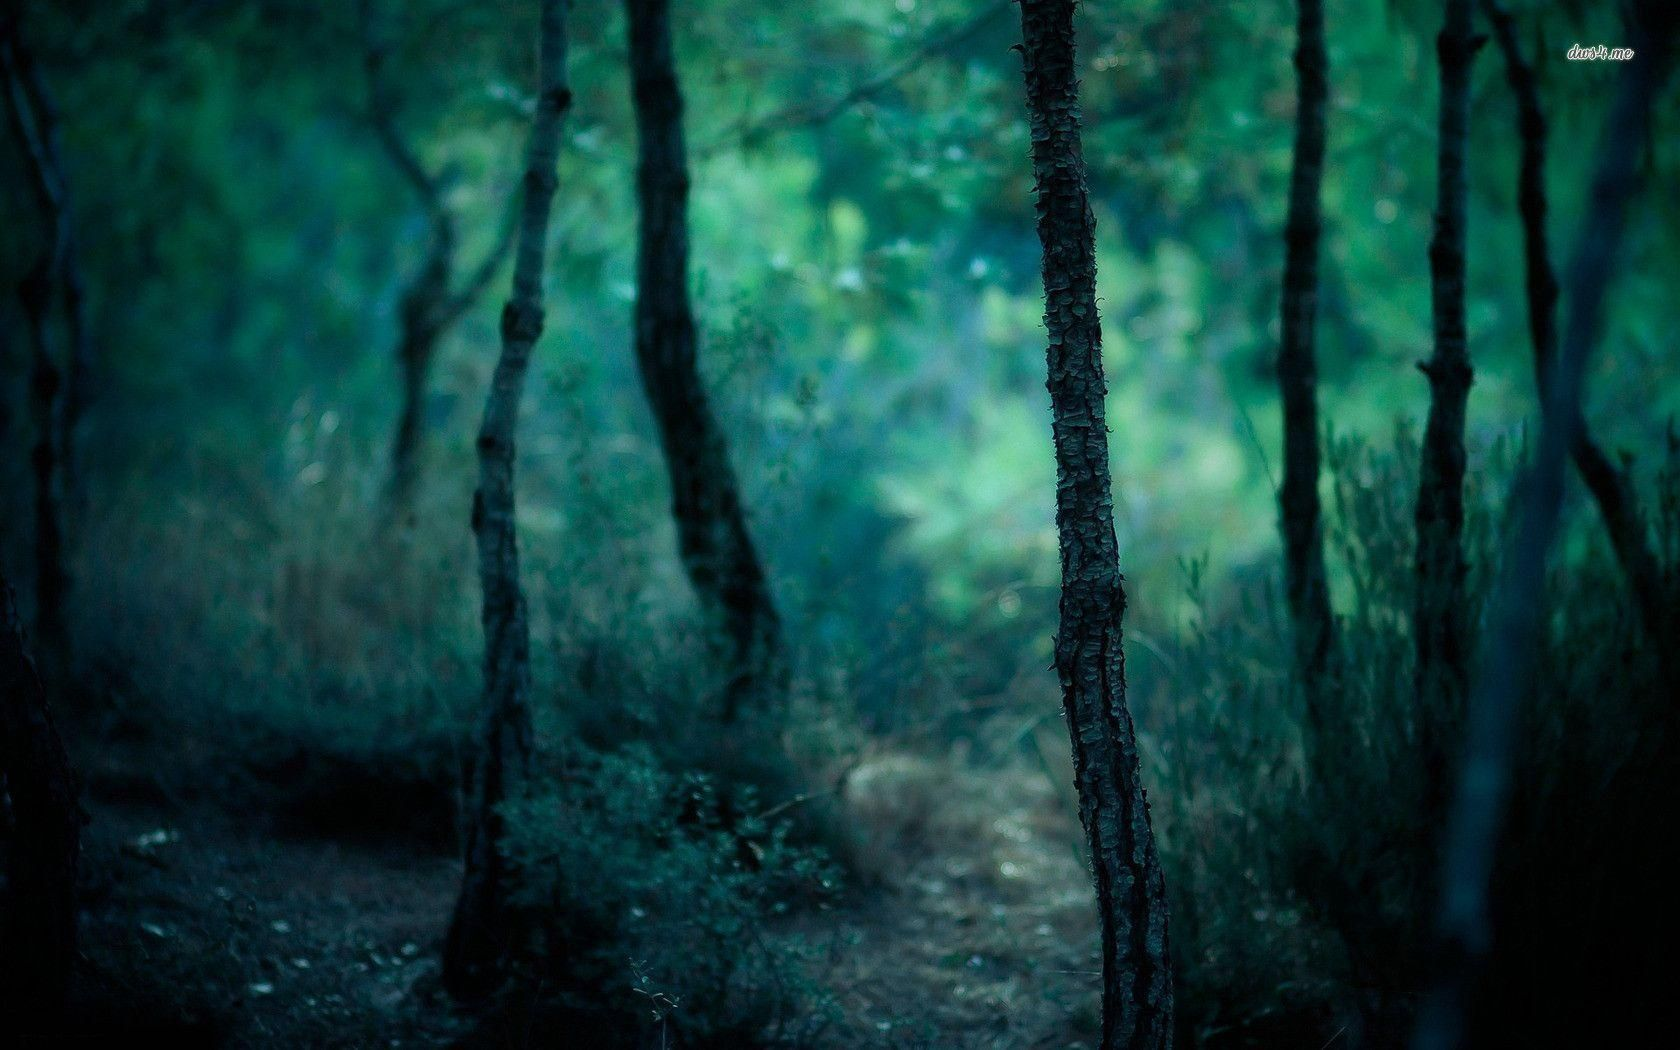 Dark Forest Dark Forest Wallpapers Wallpaper Cave Forest Wallpaper Forest Pictures Dark Wallpaper